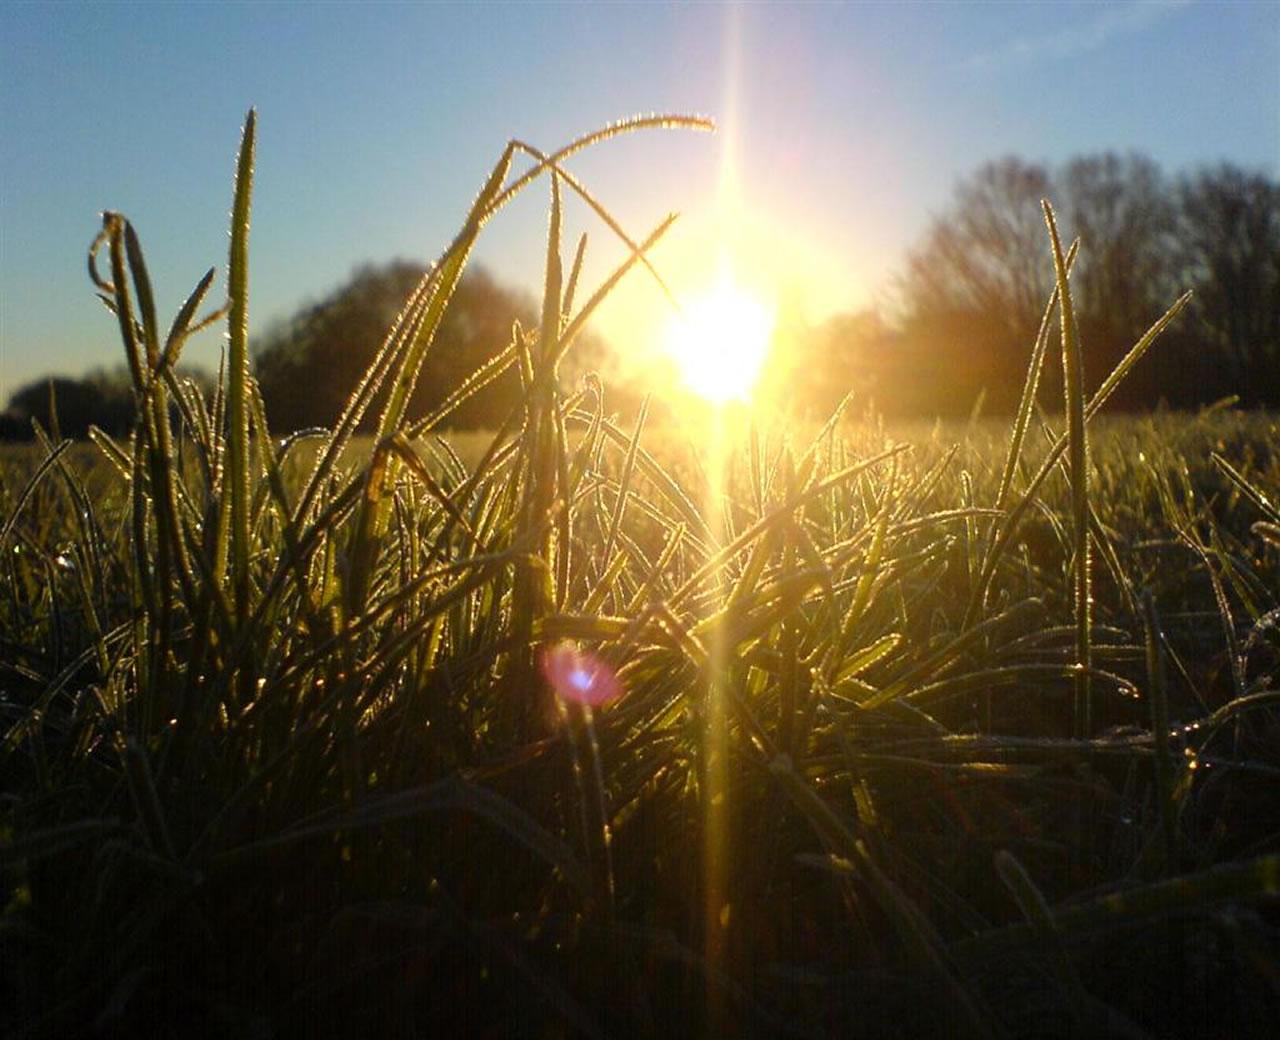 winter solstice grass dew ground 1280x1040